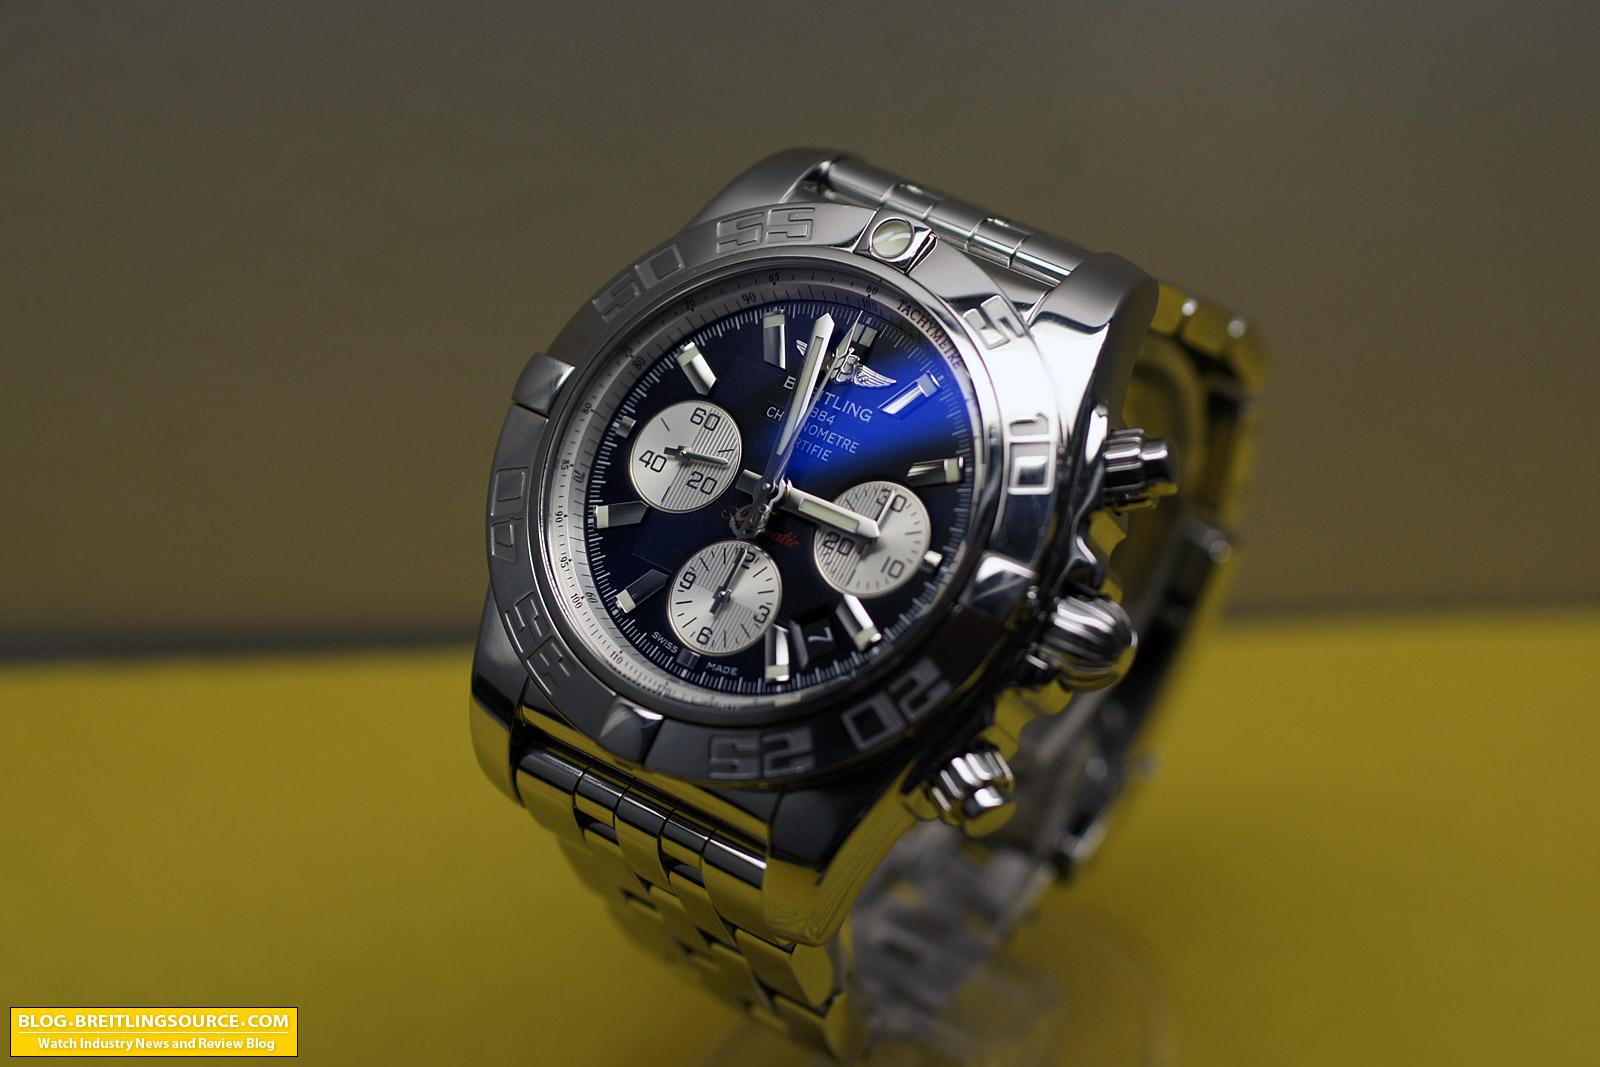 Breitling Chronomat 2014